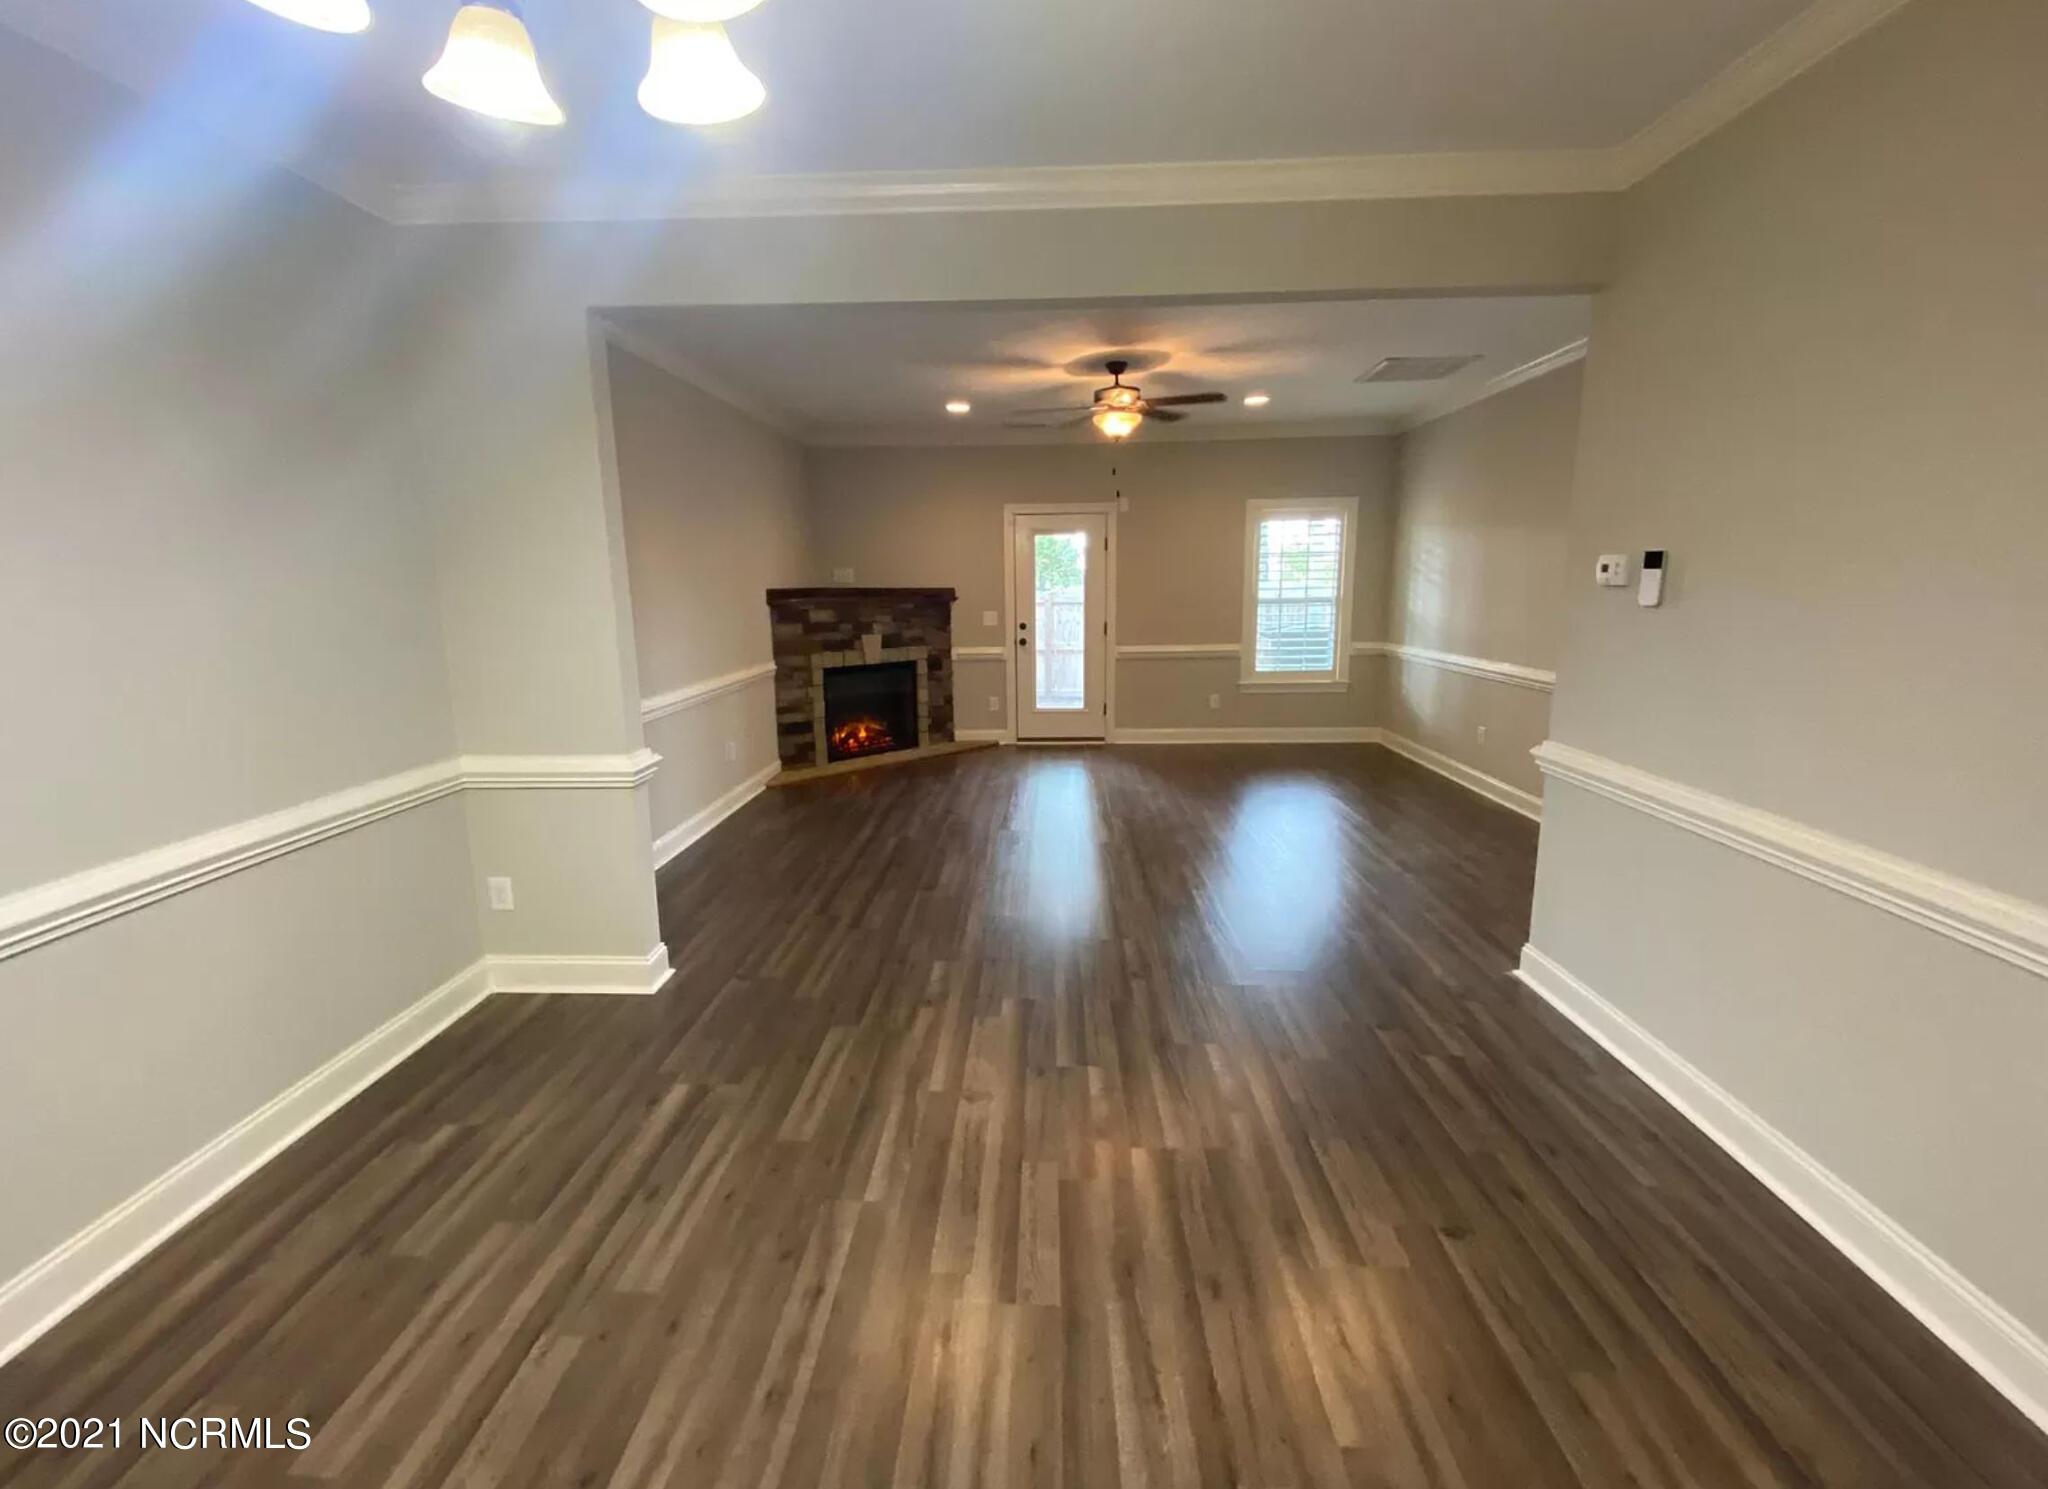 1668 Cambria Drive, Greenville, North Carolina 27834, 3 Bedrooms Bedrooms, 8 Rooms Rooms,2 BathroomsBathrooms,Townhouse,For sale,Cambria,100279078